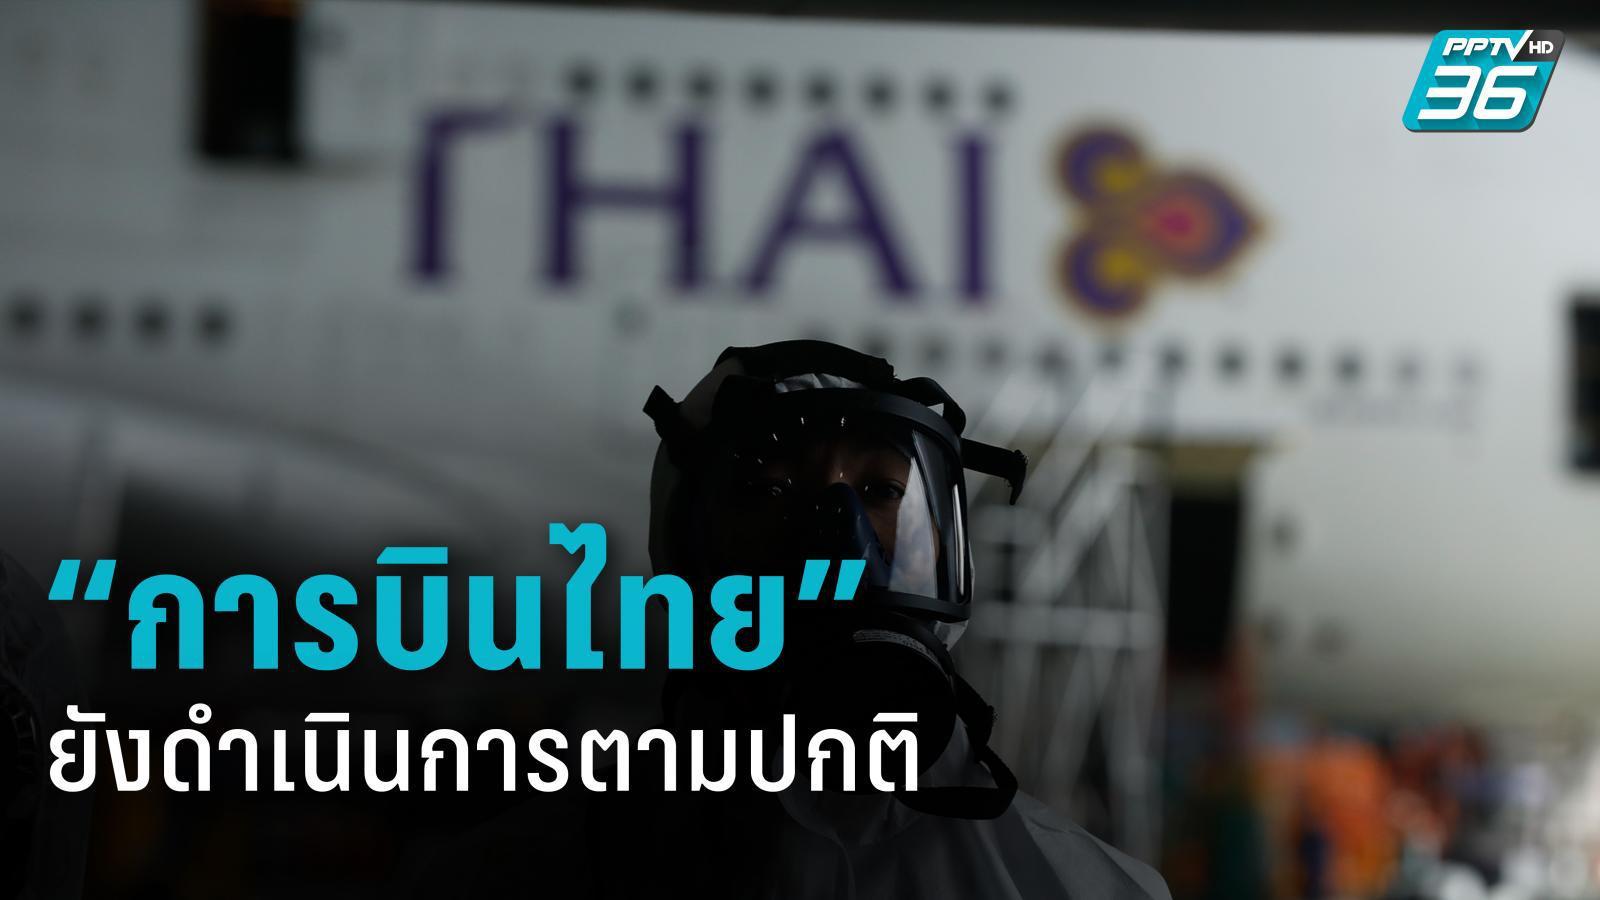 การบินไทยยังประกอบธุรกิจตามปกติแม้เข้าสู่กระบวนการฟื้นฟูกิจการภายใต้กฎหมาย